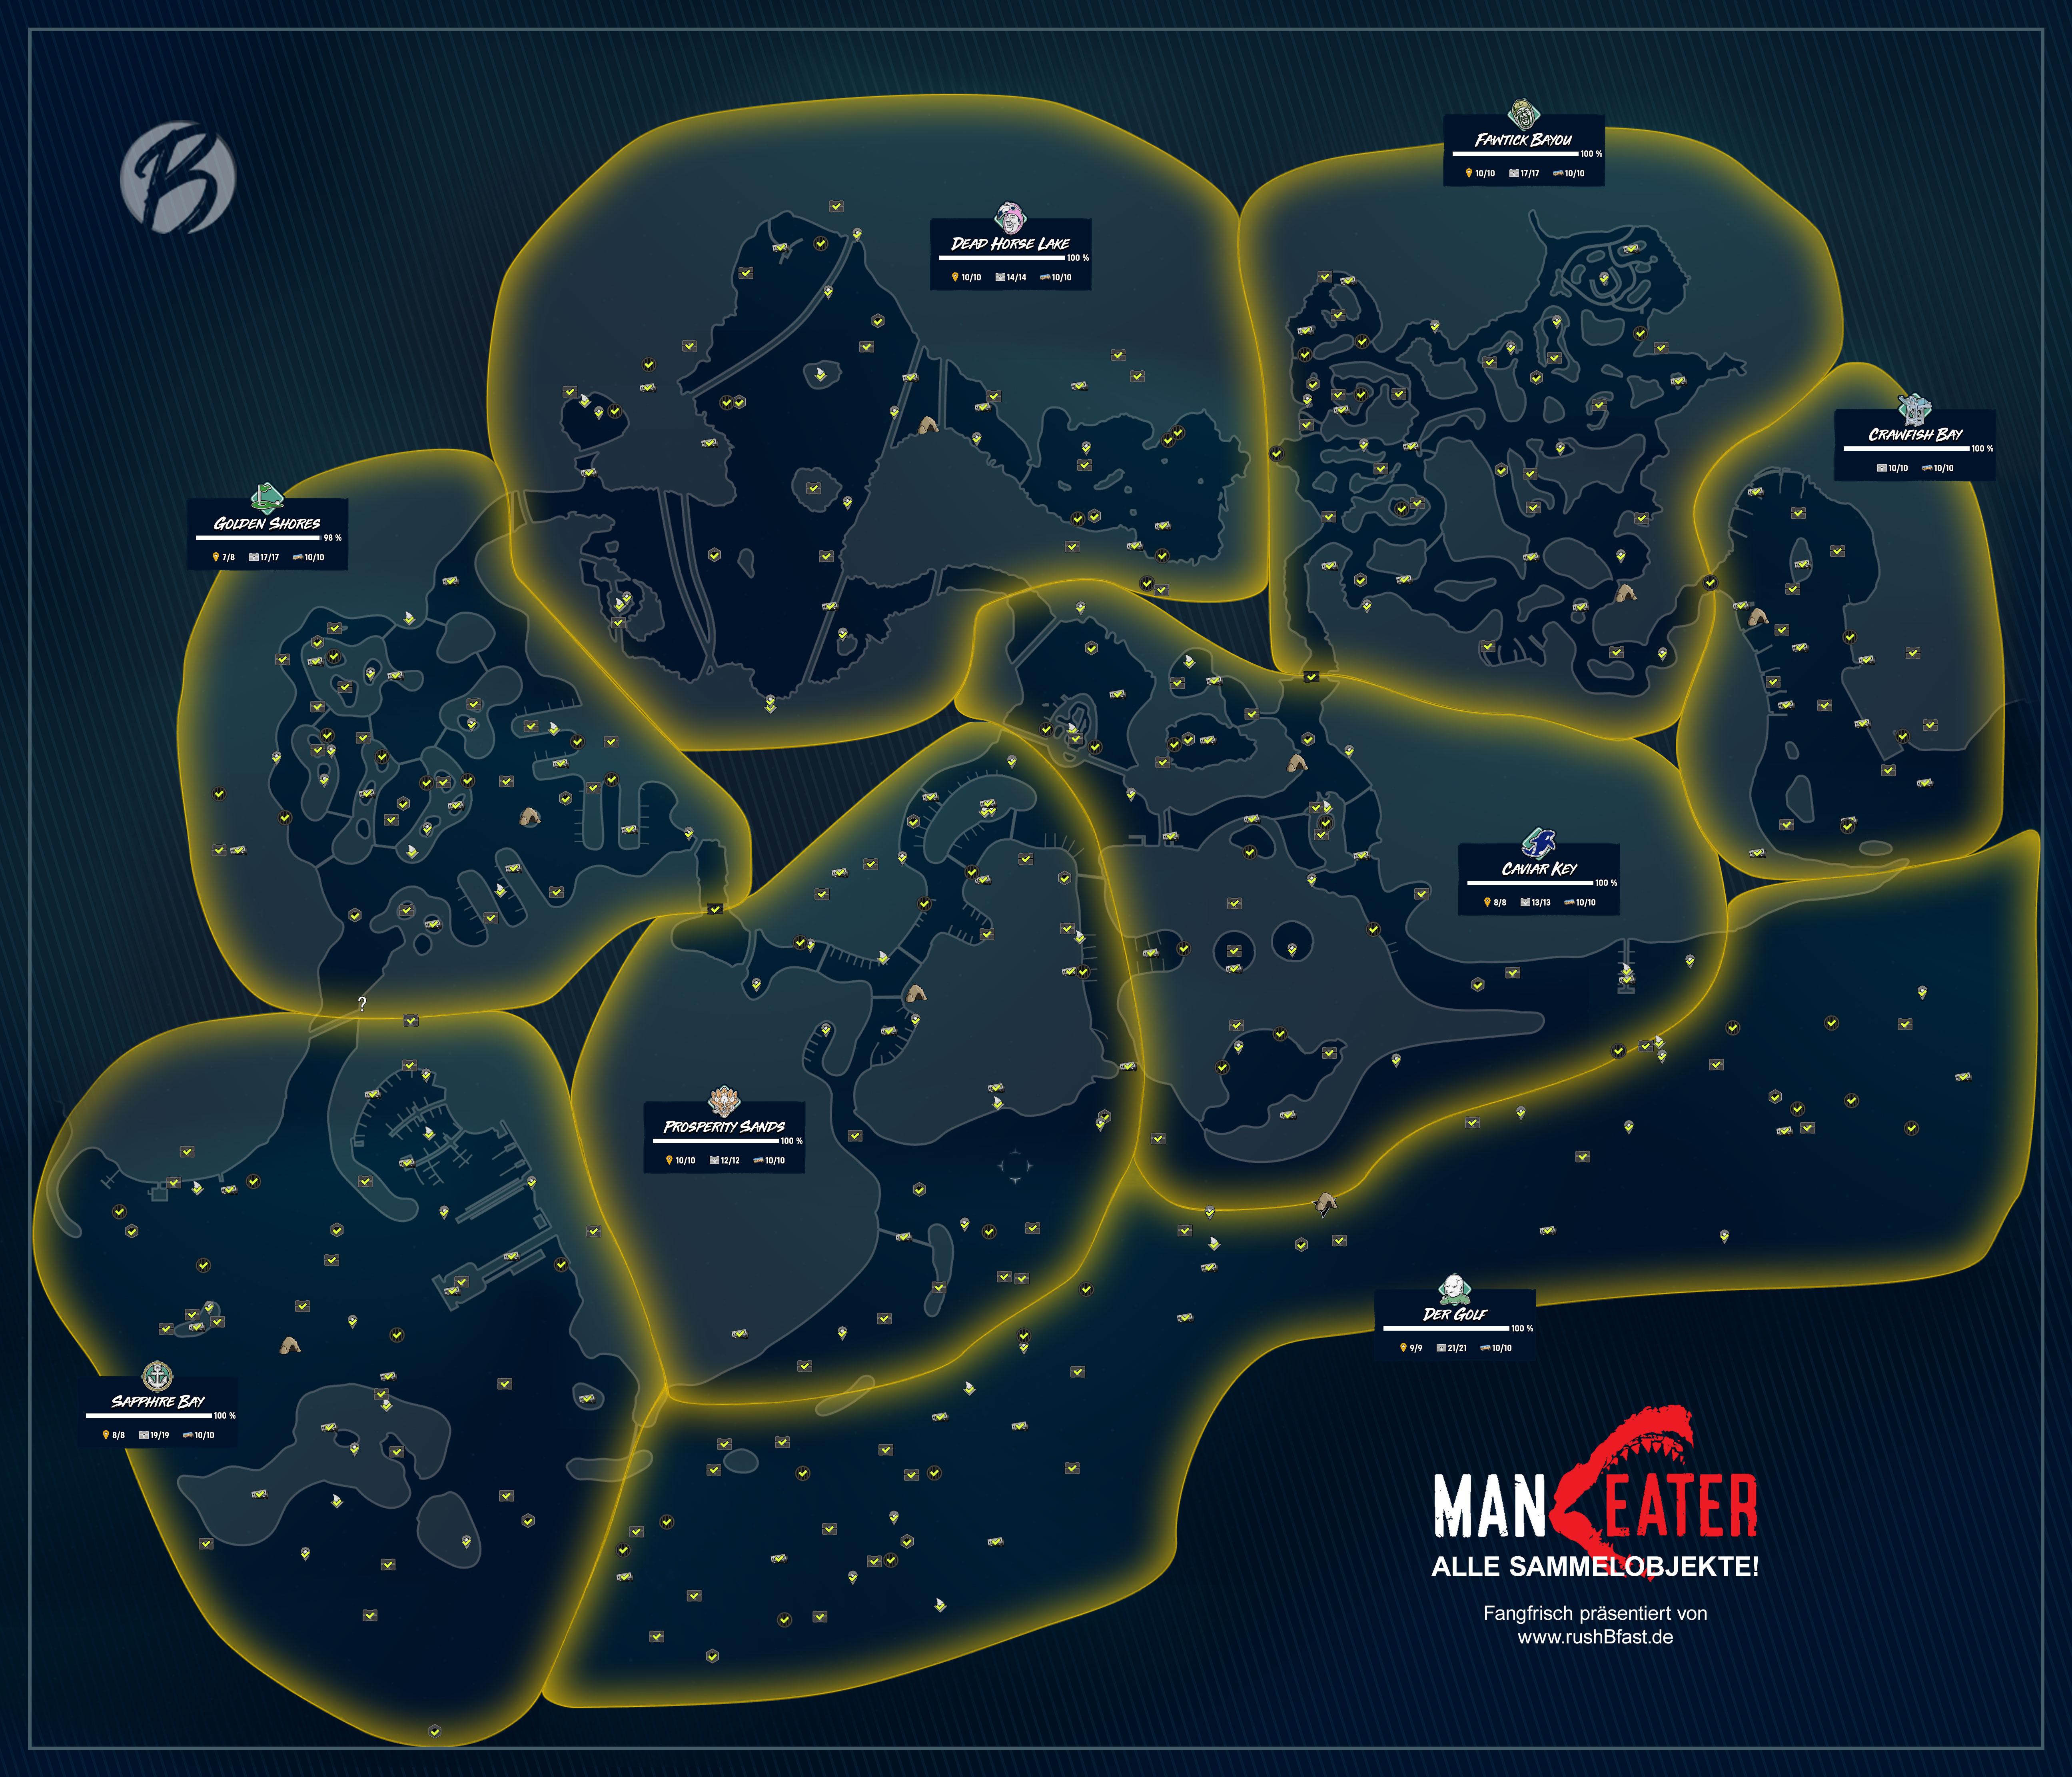 Maneater - Auf dieser Karte findet ihr alle Sammelobjekte.